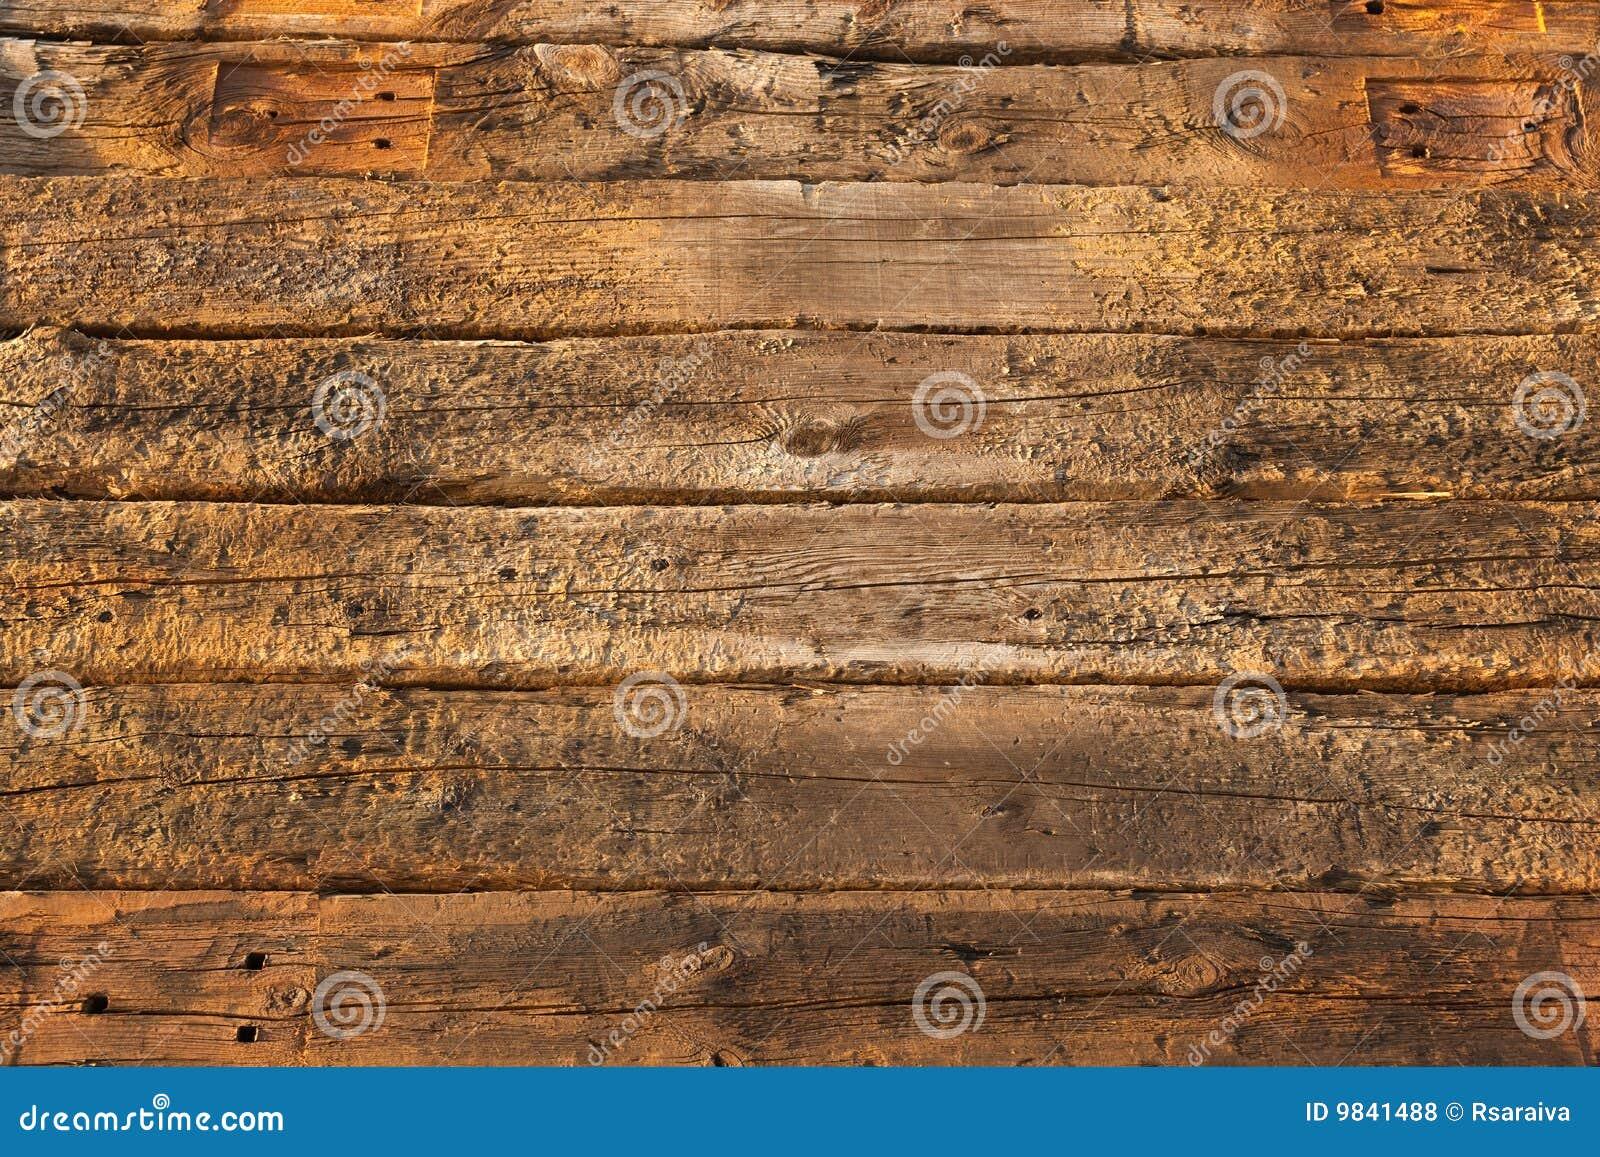 Vieilles planches en bois photos libres de droits image for Vieille planche de bois